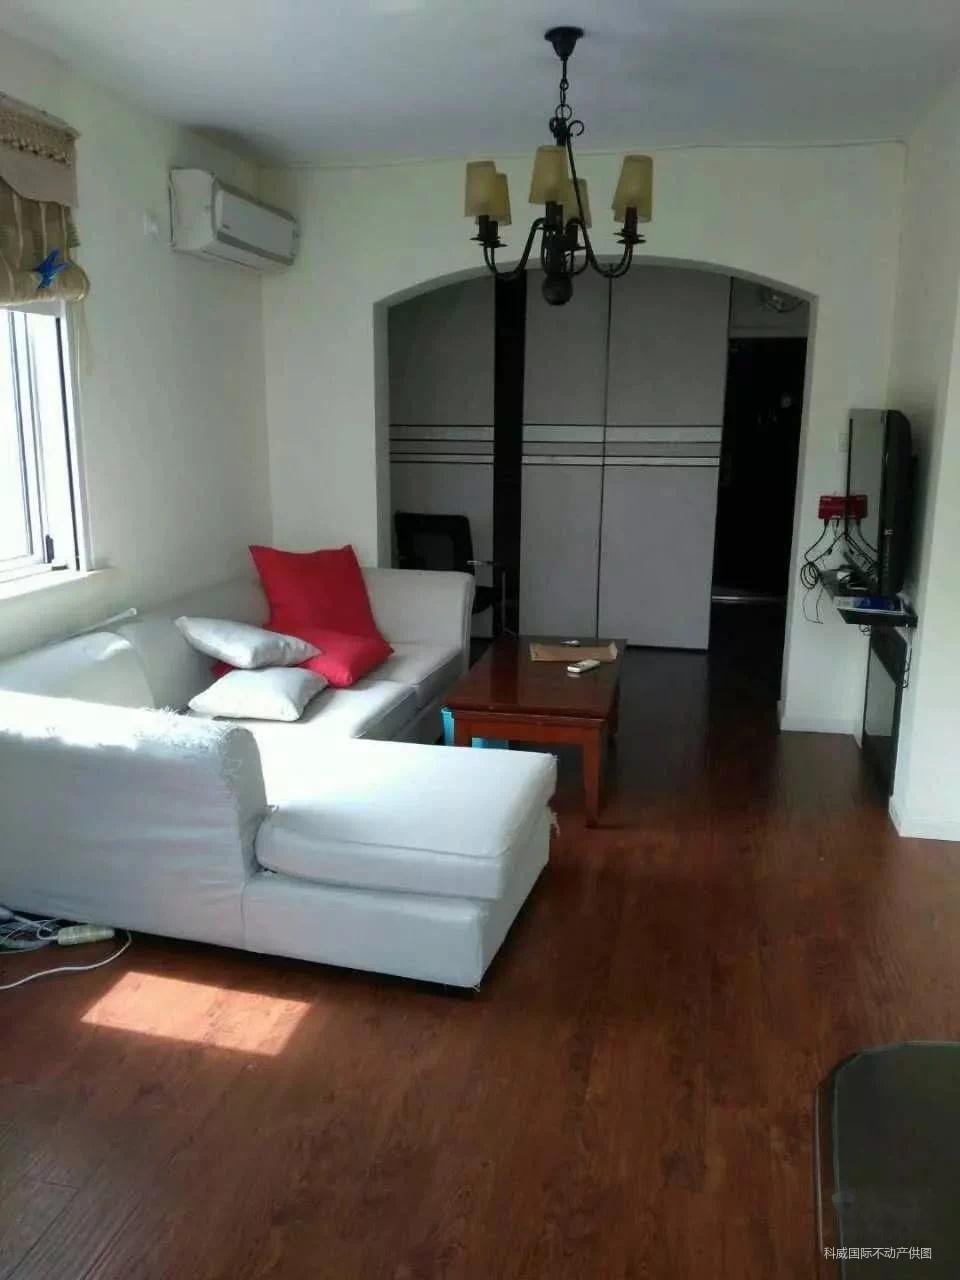 水电小区 精装修一房出售 位于水电路 汶水东路口 地铁3号线